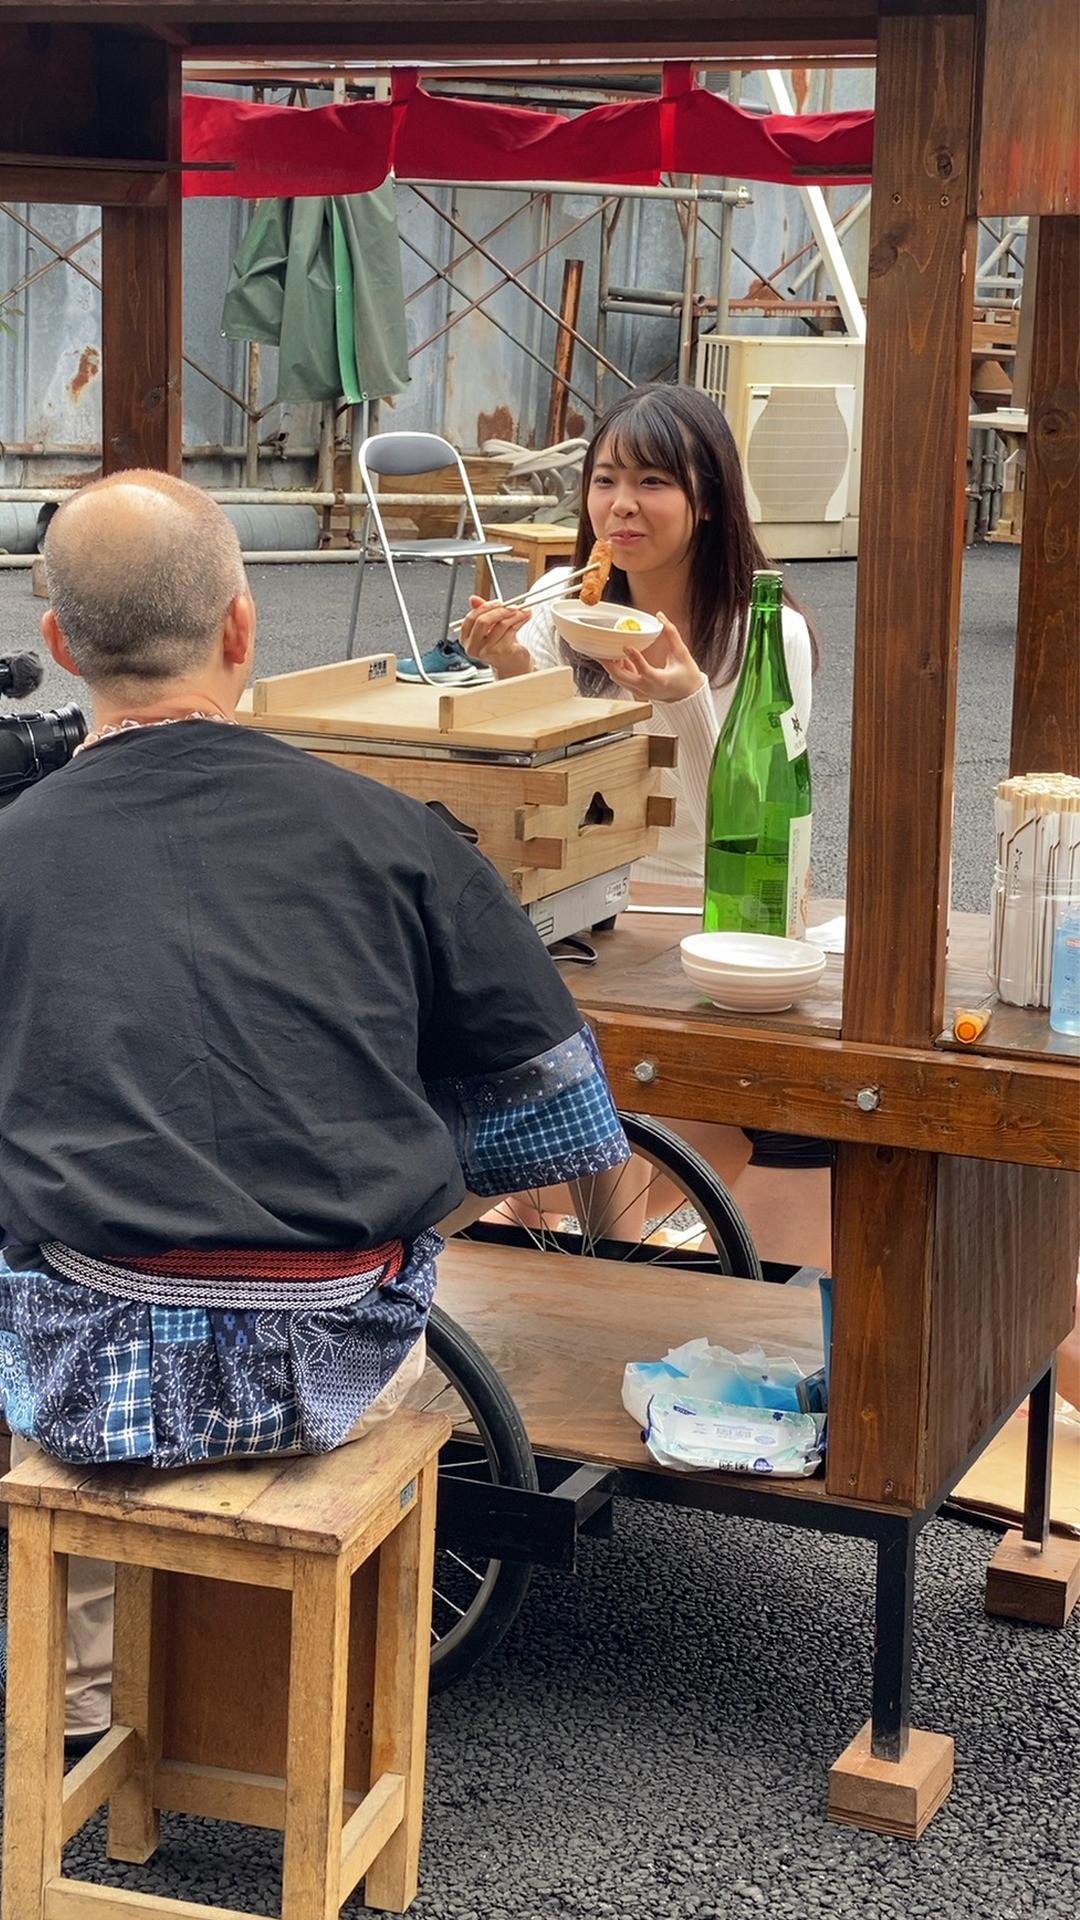 スーパードキュメント屋台ファック~おでん屋編~ 永野楓果